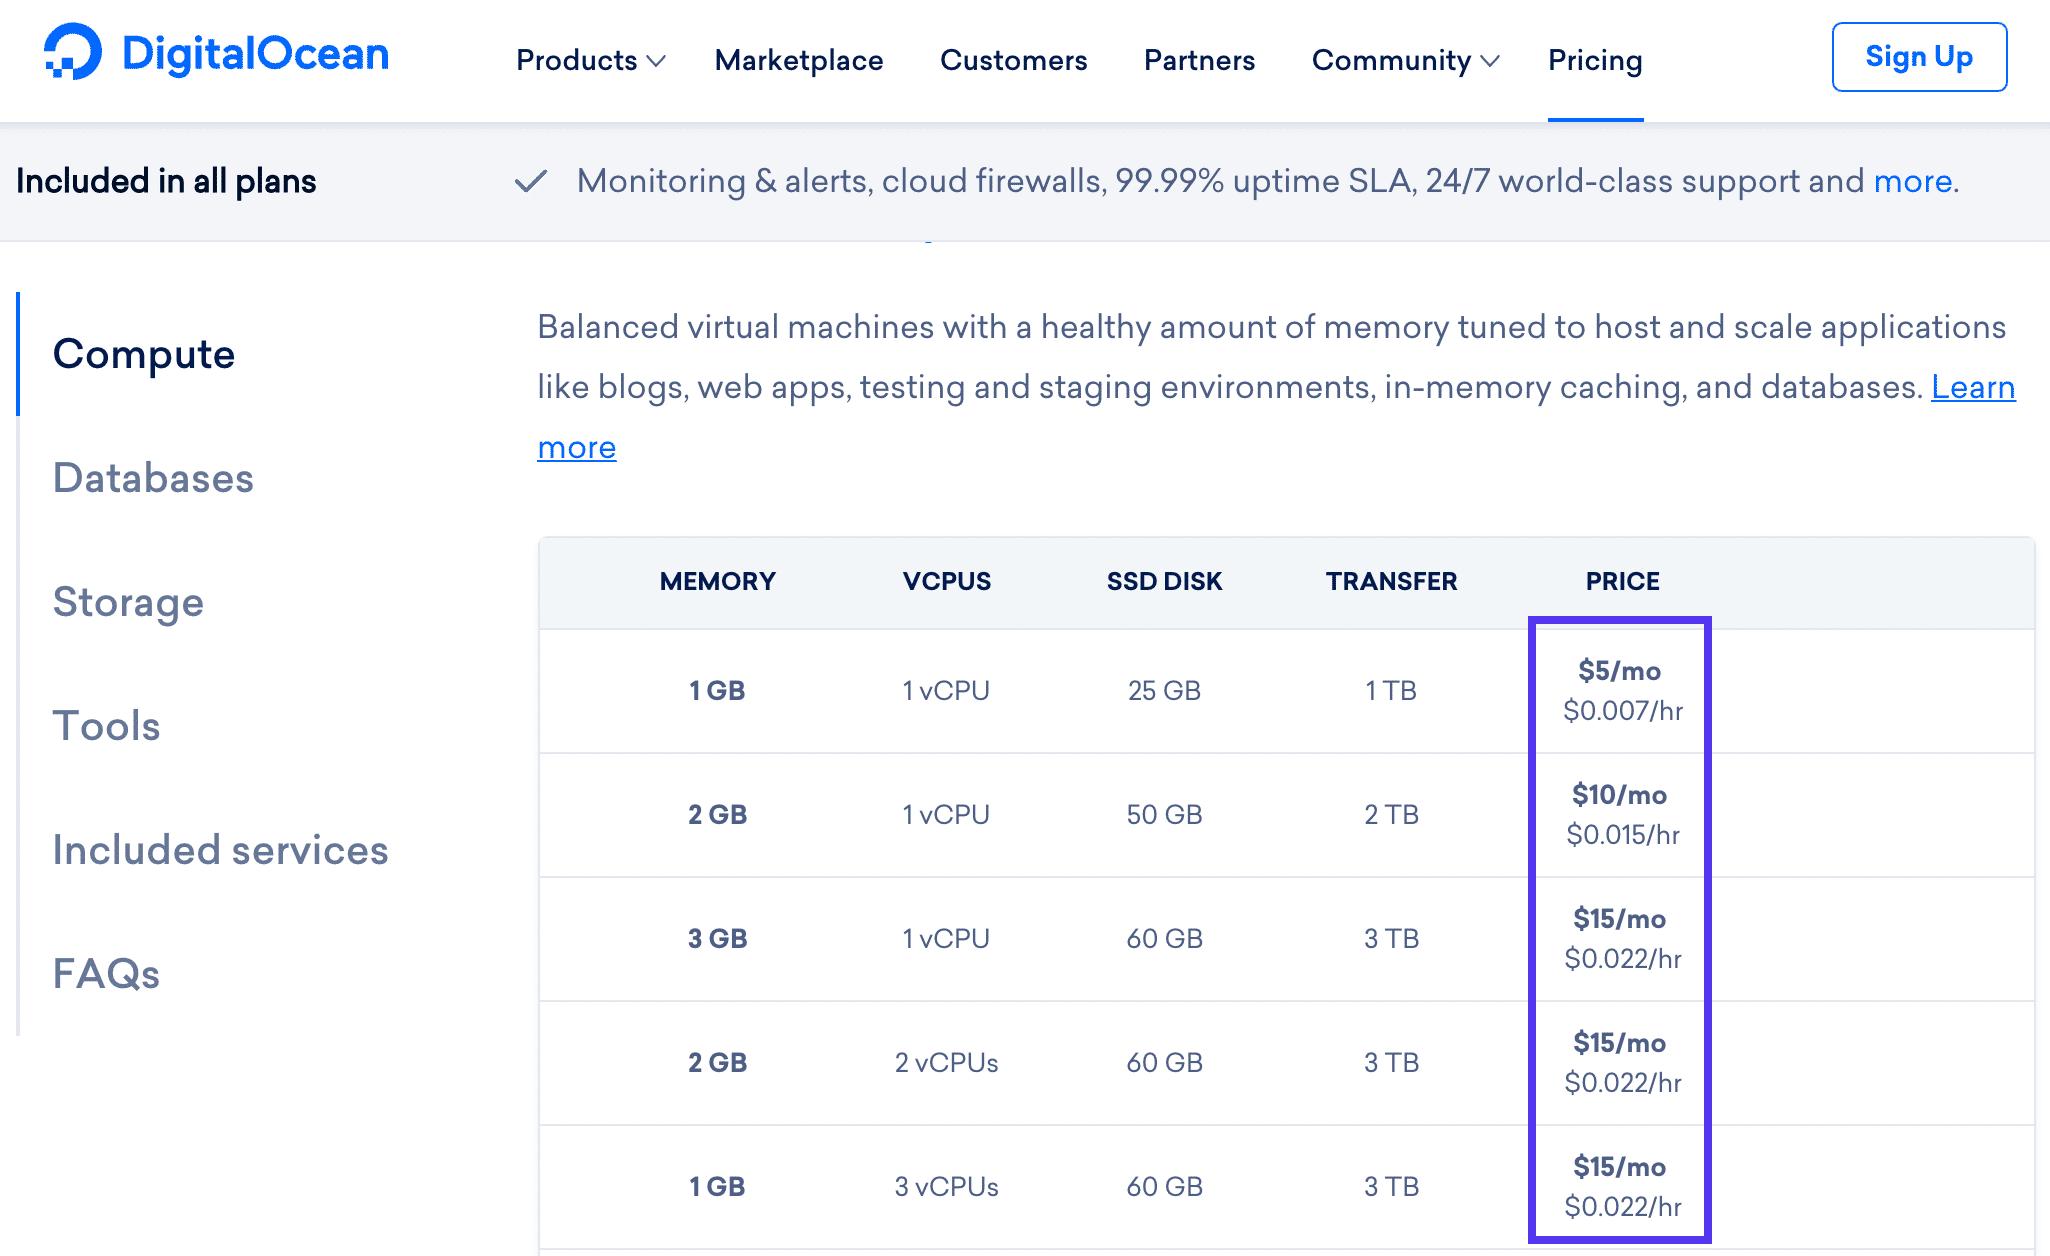 Preços da Digital Ocean